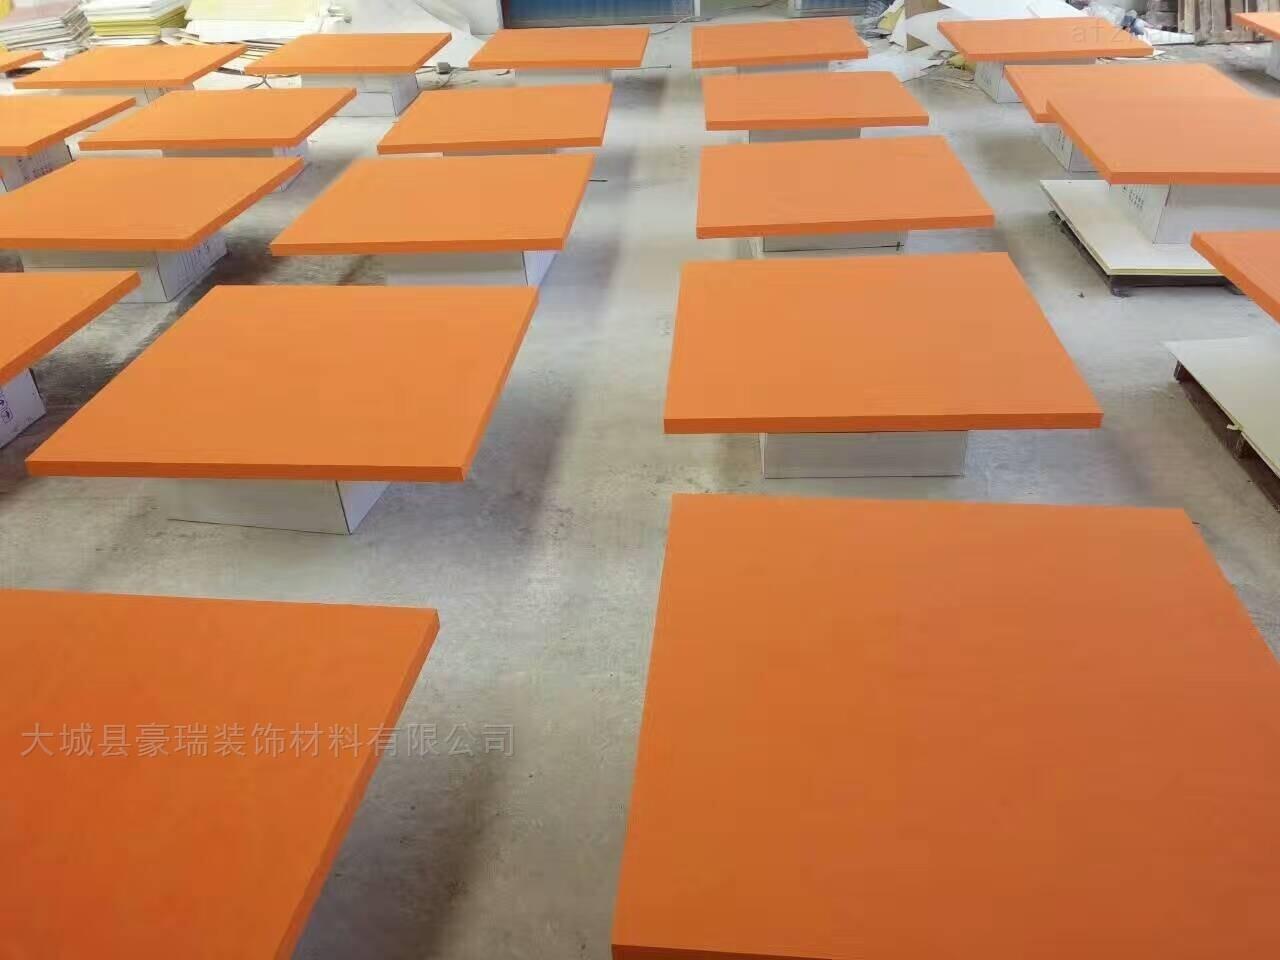 岩棉玻纤板还具有更好的安全性和节能性